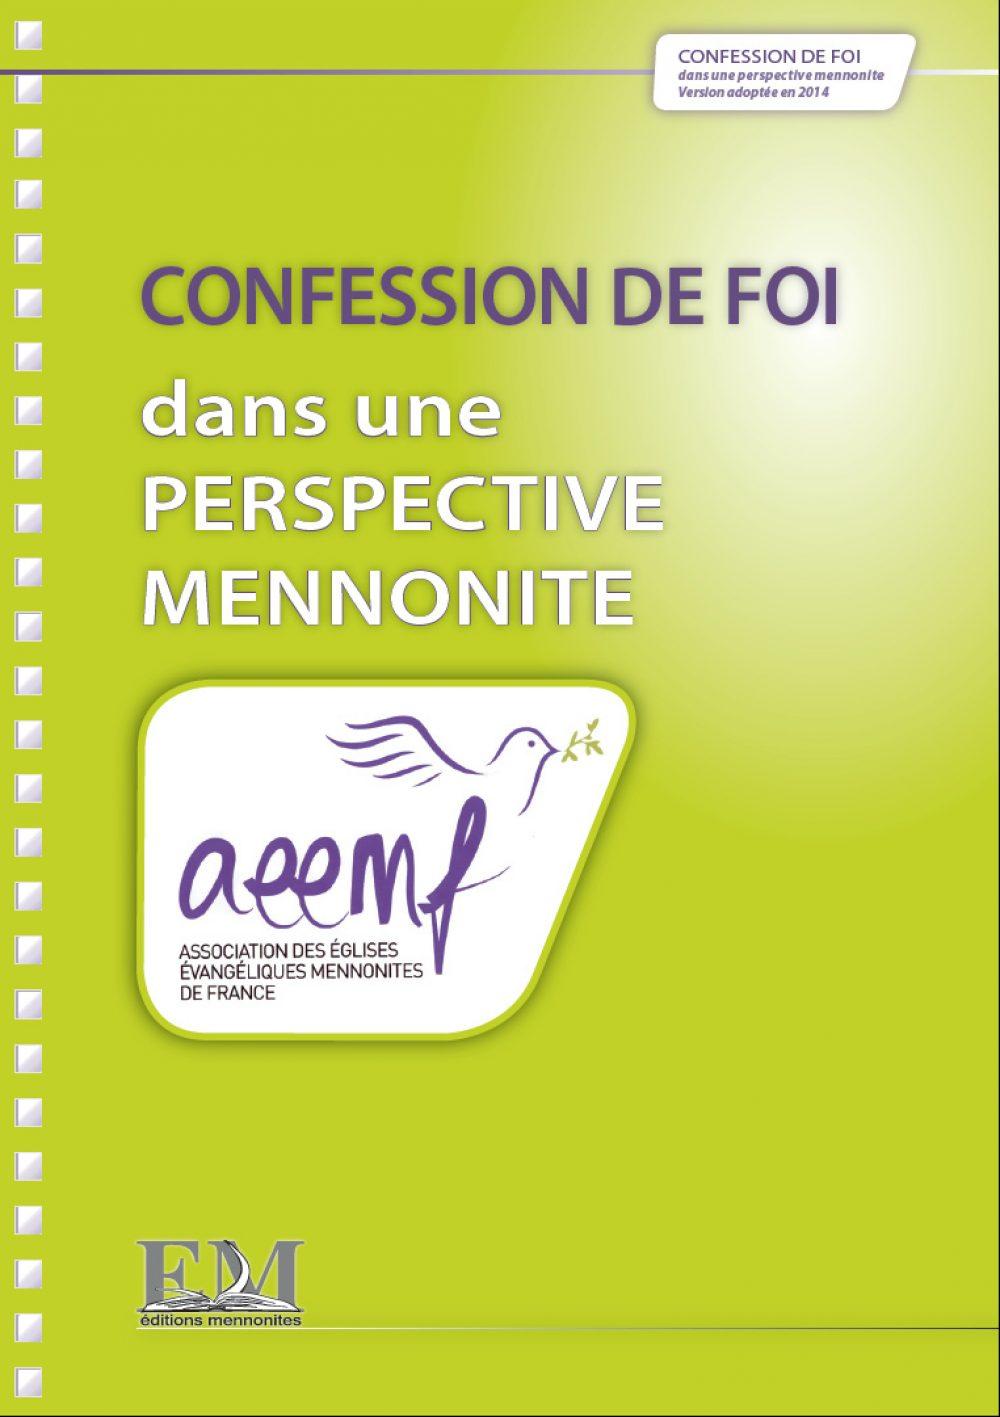 Confession de Foi 2014 (1ere de couverture)